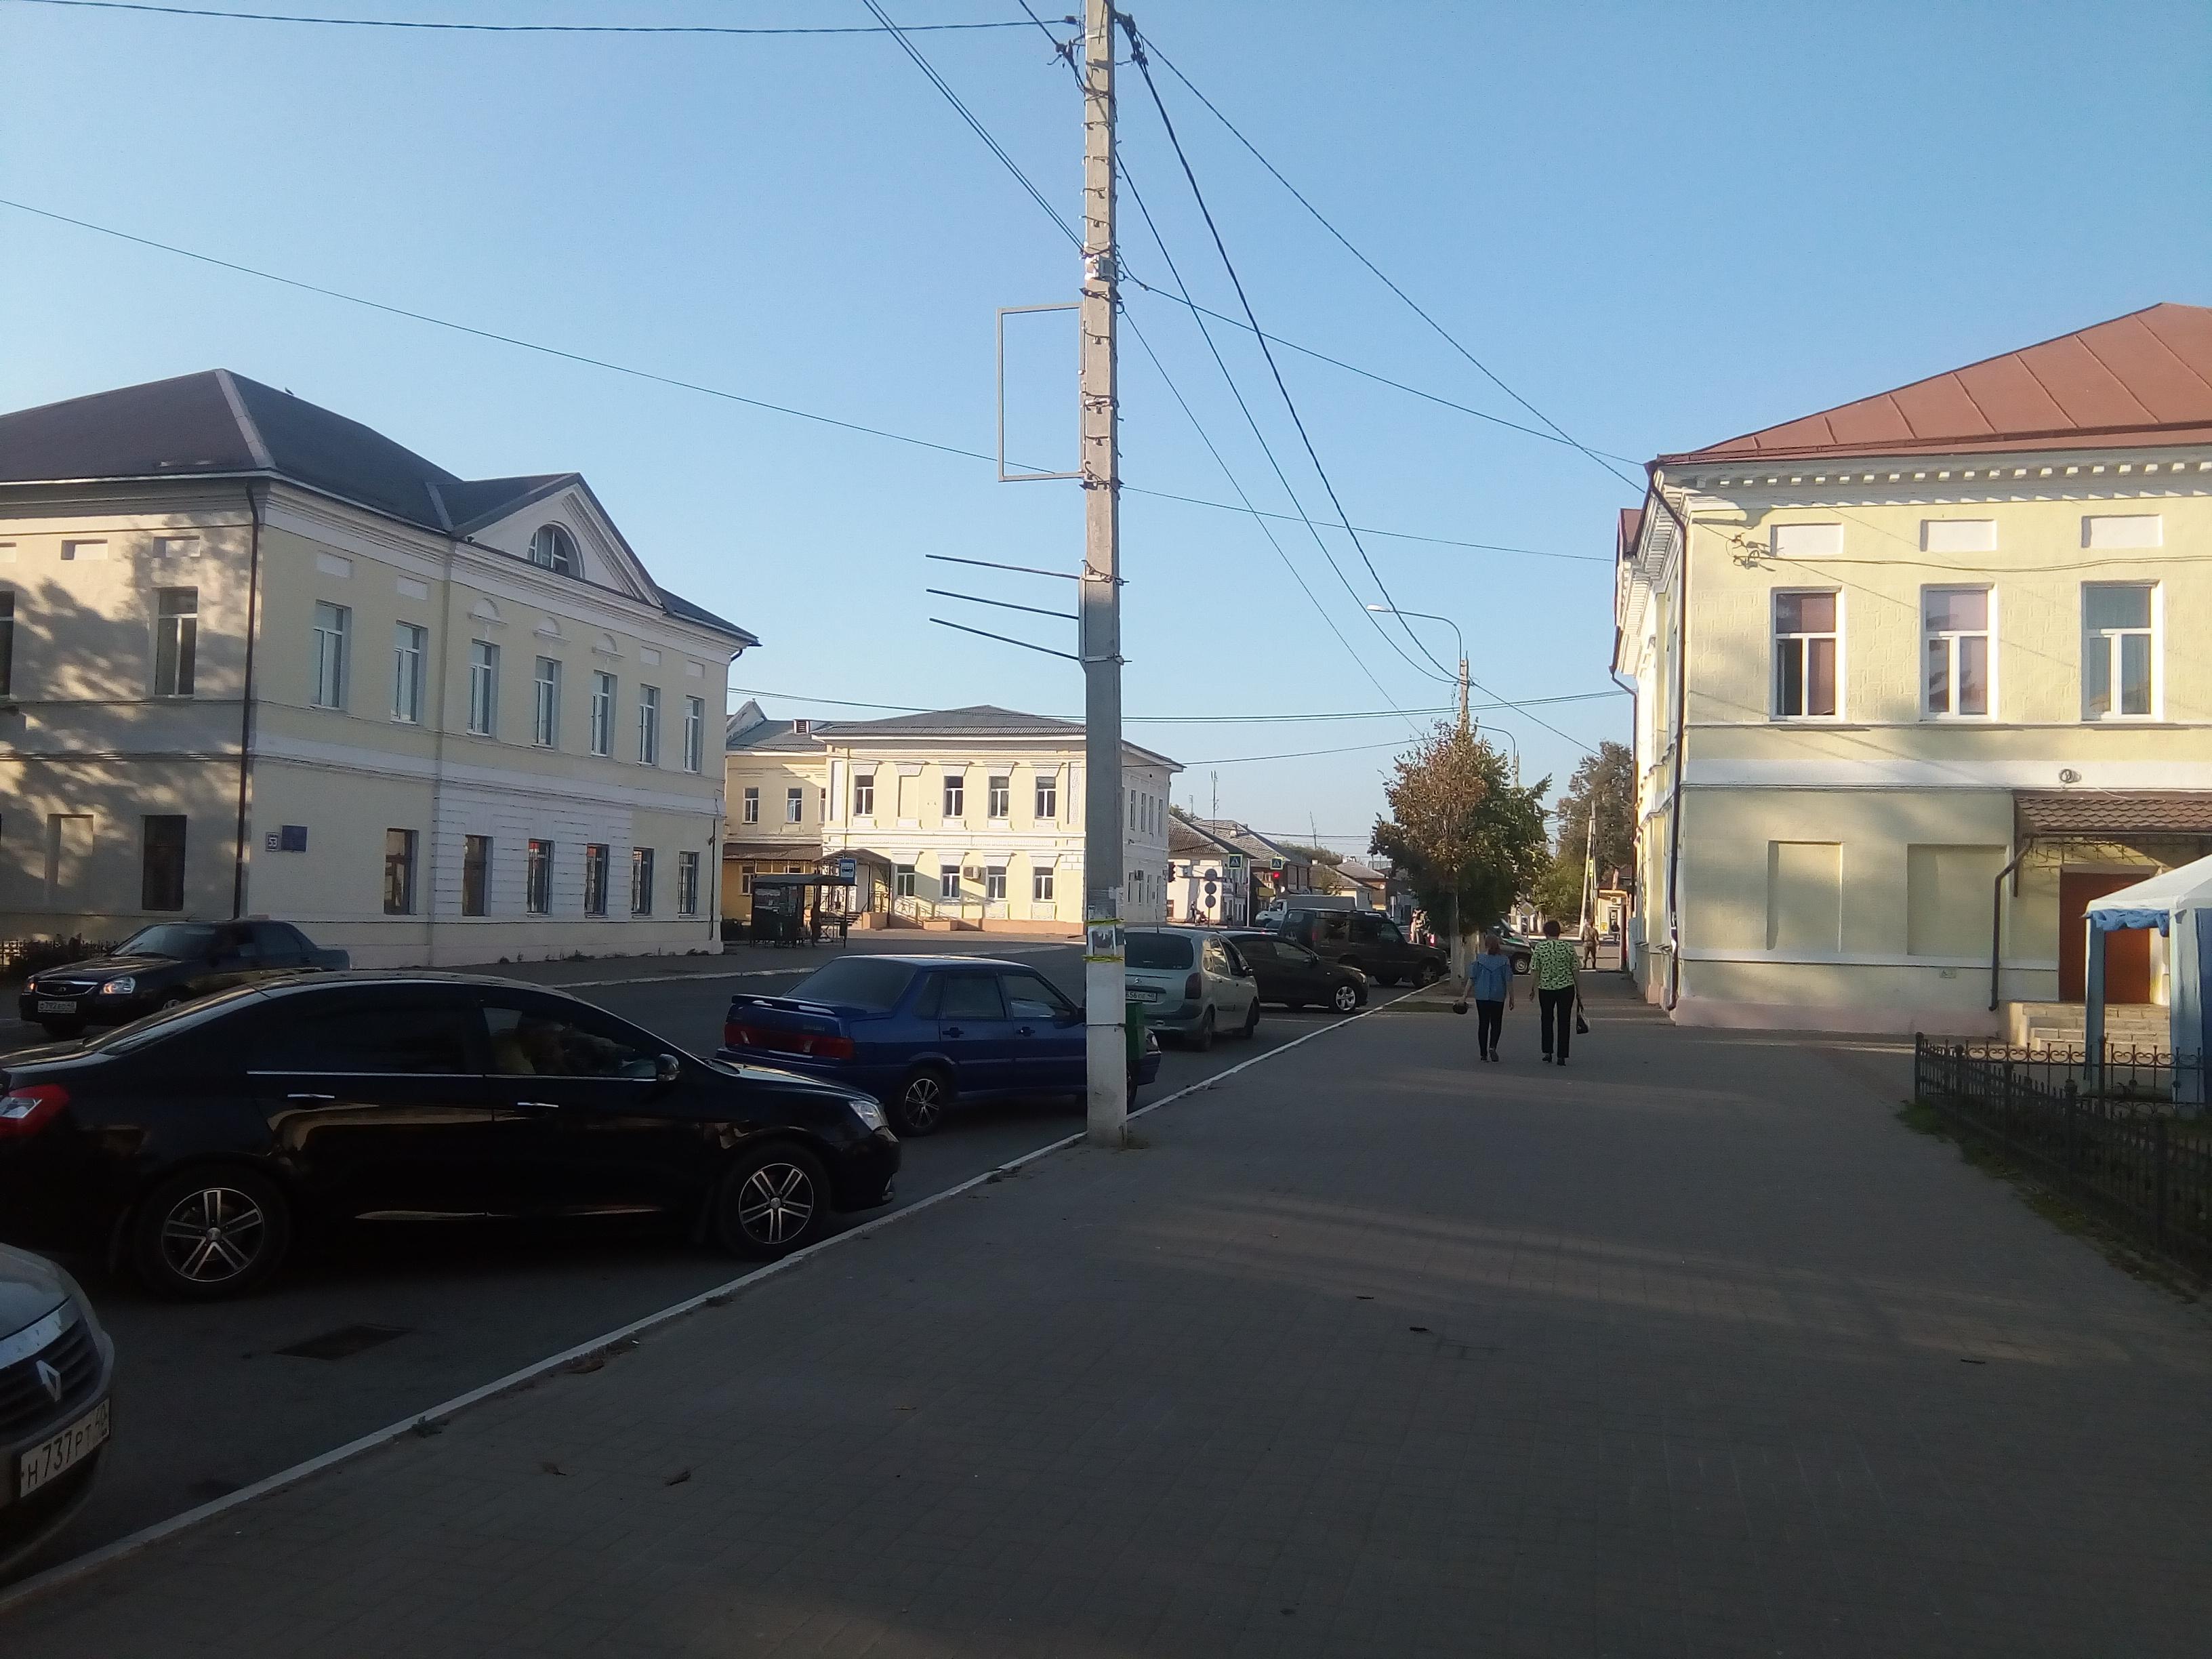 Застройка улиц, типичная для небольших русских городков девятнадцатого- начала двадцатого века. Улица Большая Советская